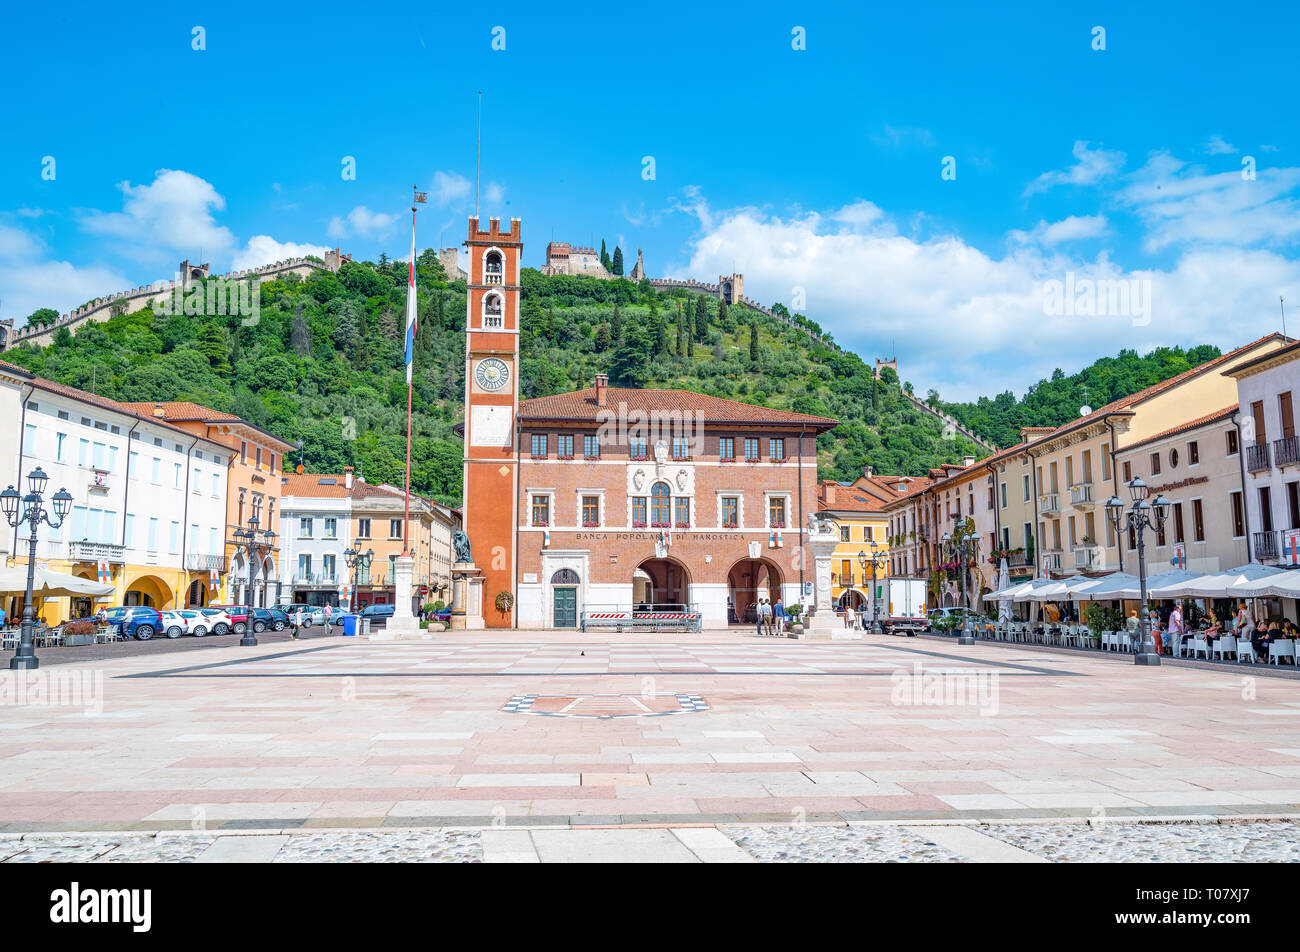 Italien, Marostica, dem Platz, wo die traditionellen Schach Spiel gespielt wird Stockfoto